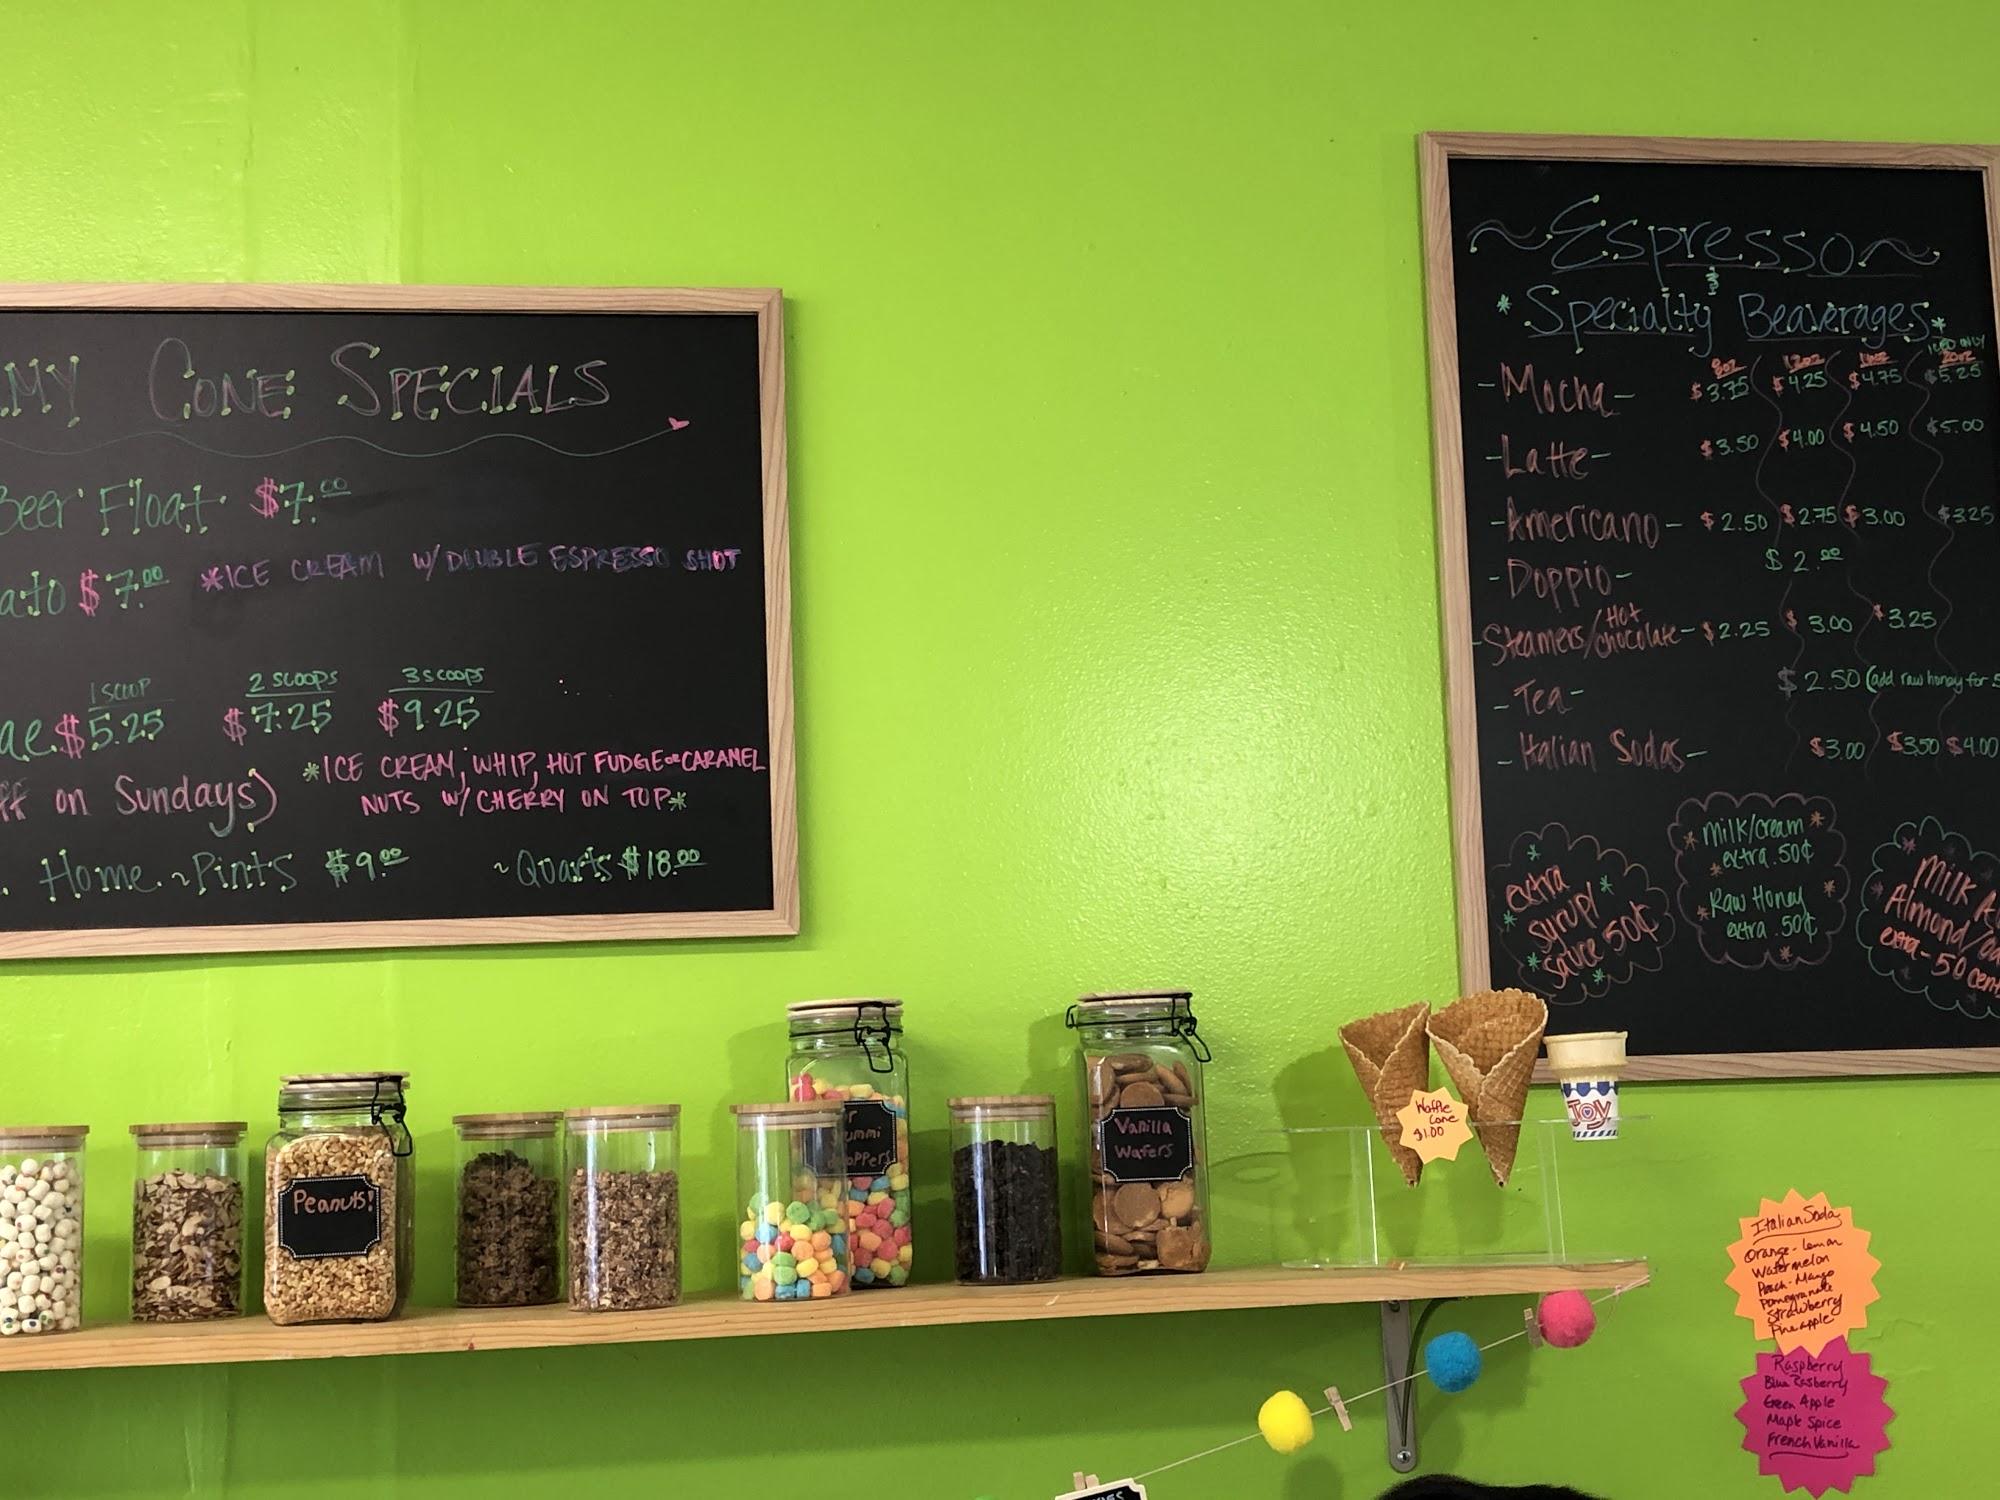 Creamy Cone Cafe 9433 Rainier Ave S, Seattle